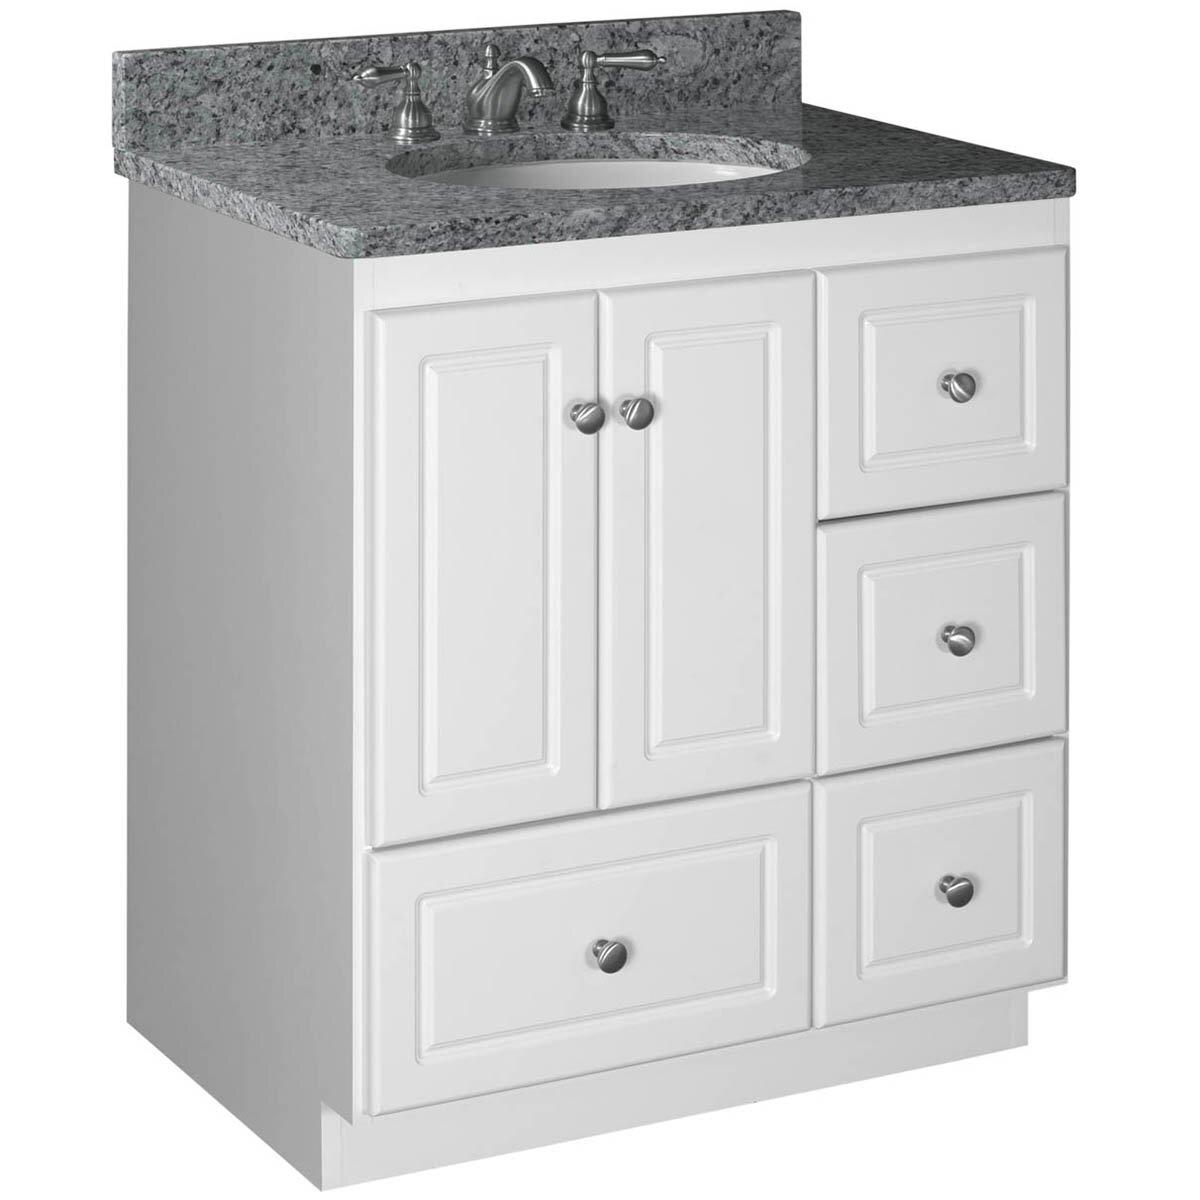 Strasser woodenworks simplicity 30 bathroom vanity base for Bathroom cabinets 30